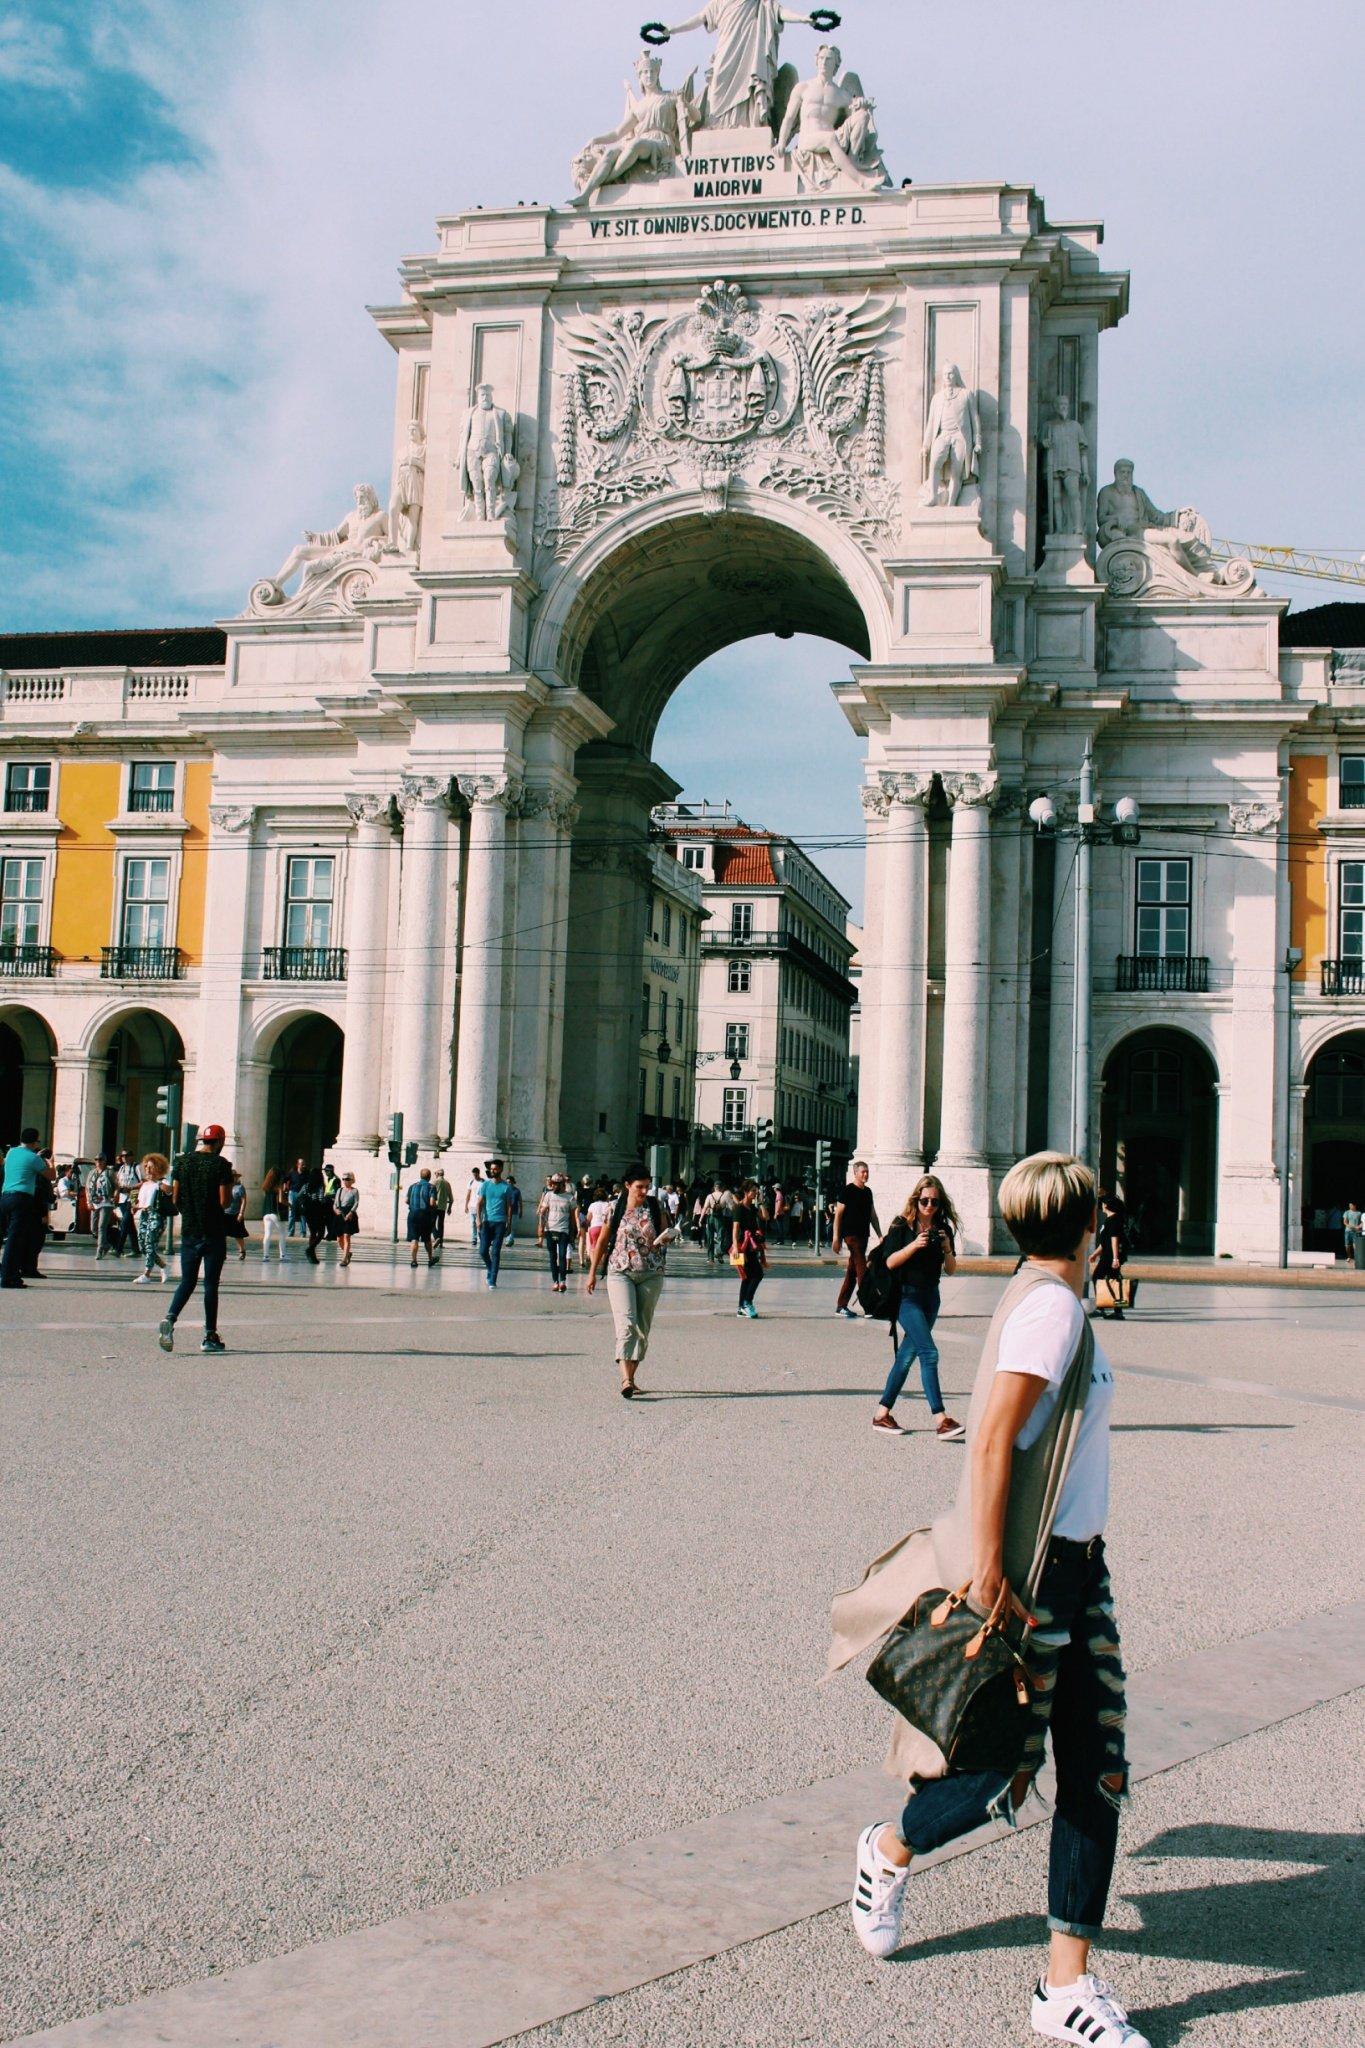 Rua Augusta Arch at Plaza do Comercio in Lisbon, Portugal